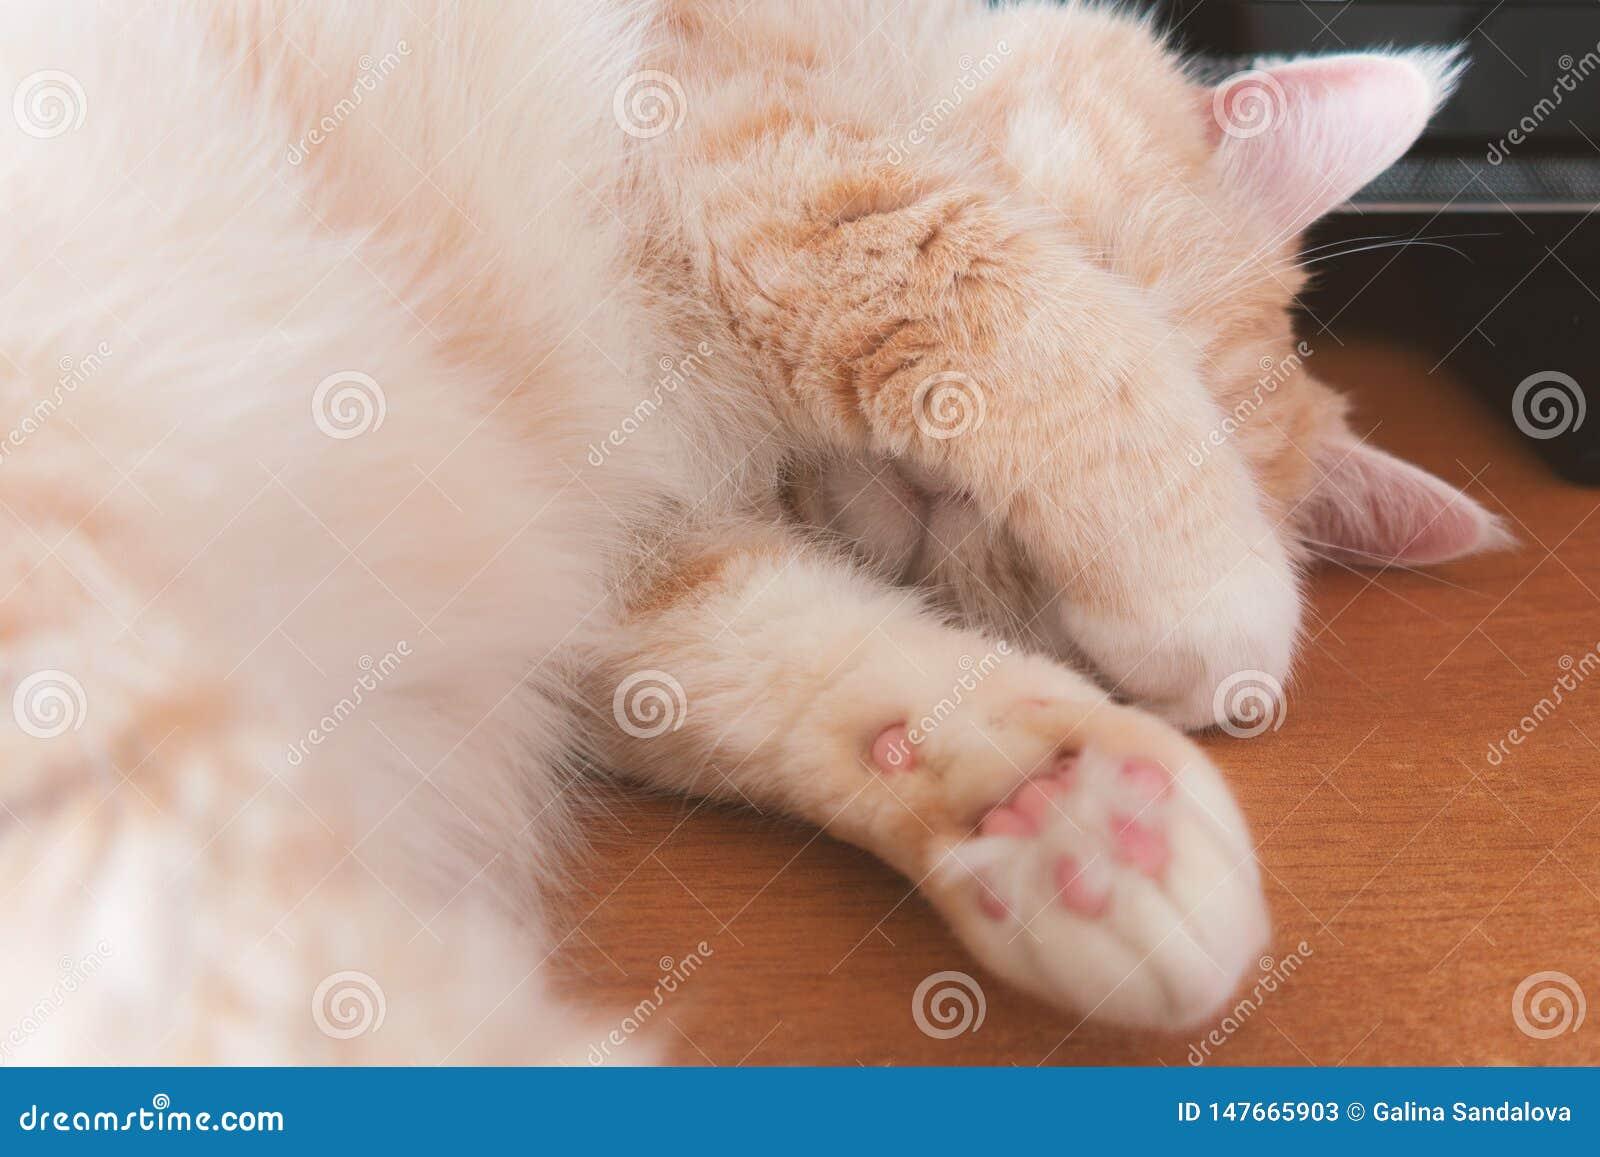 Gato de gato malhado de creme bonito que dorme na tabela que cobre sua cara com suas patas